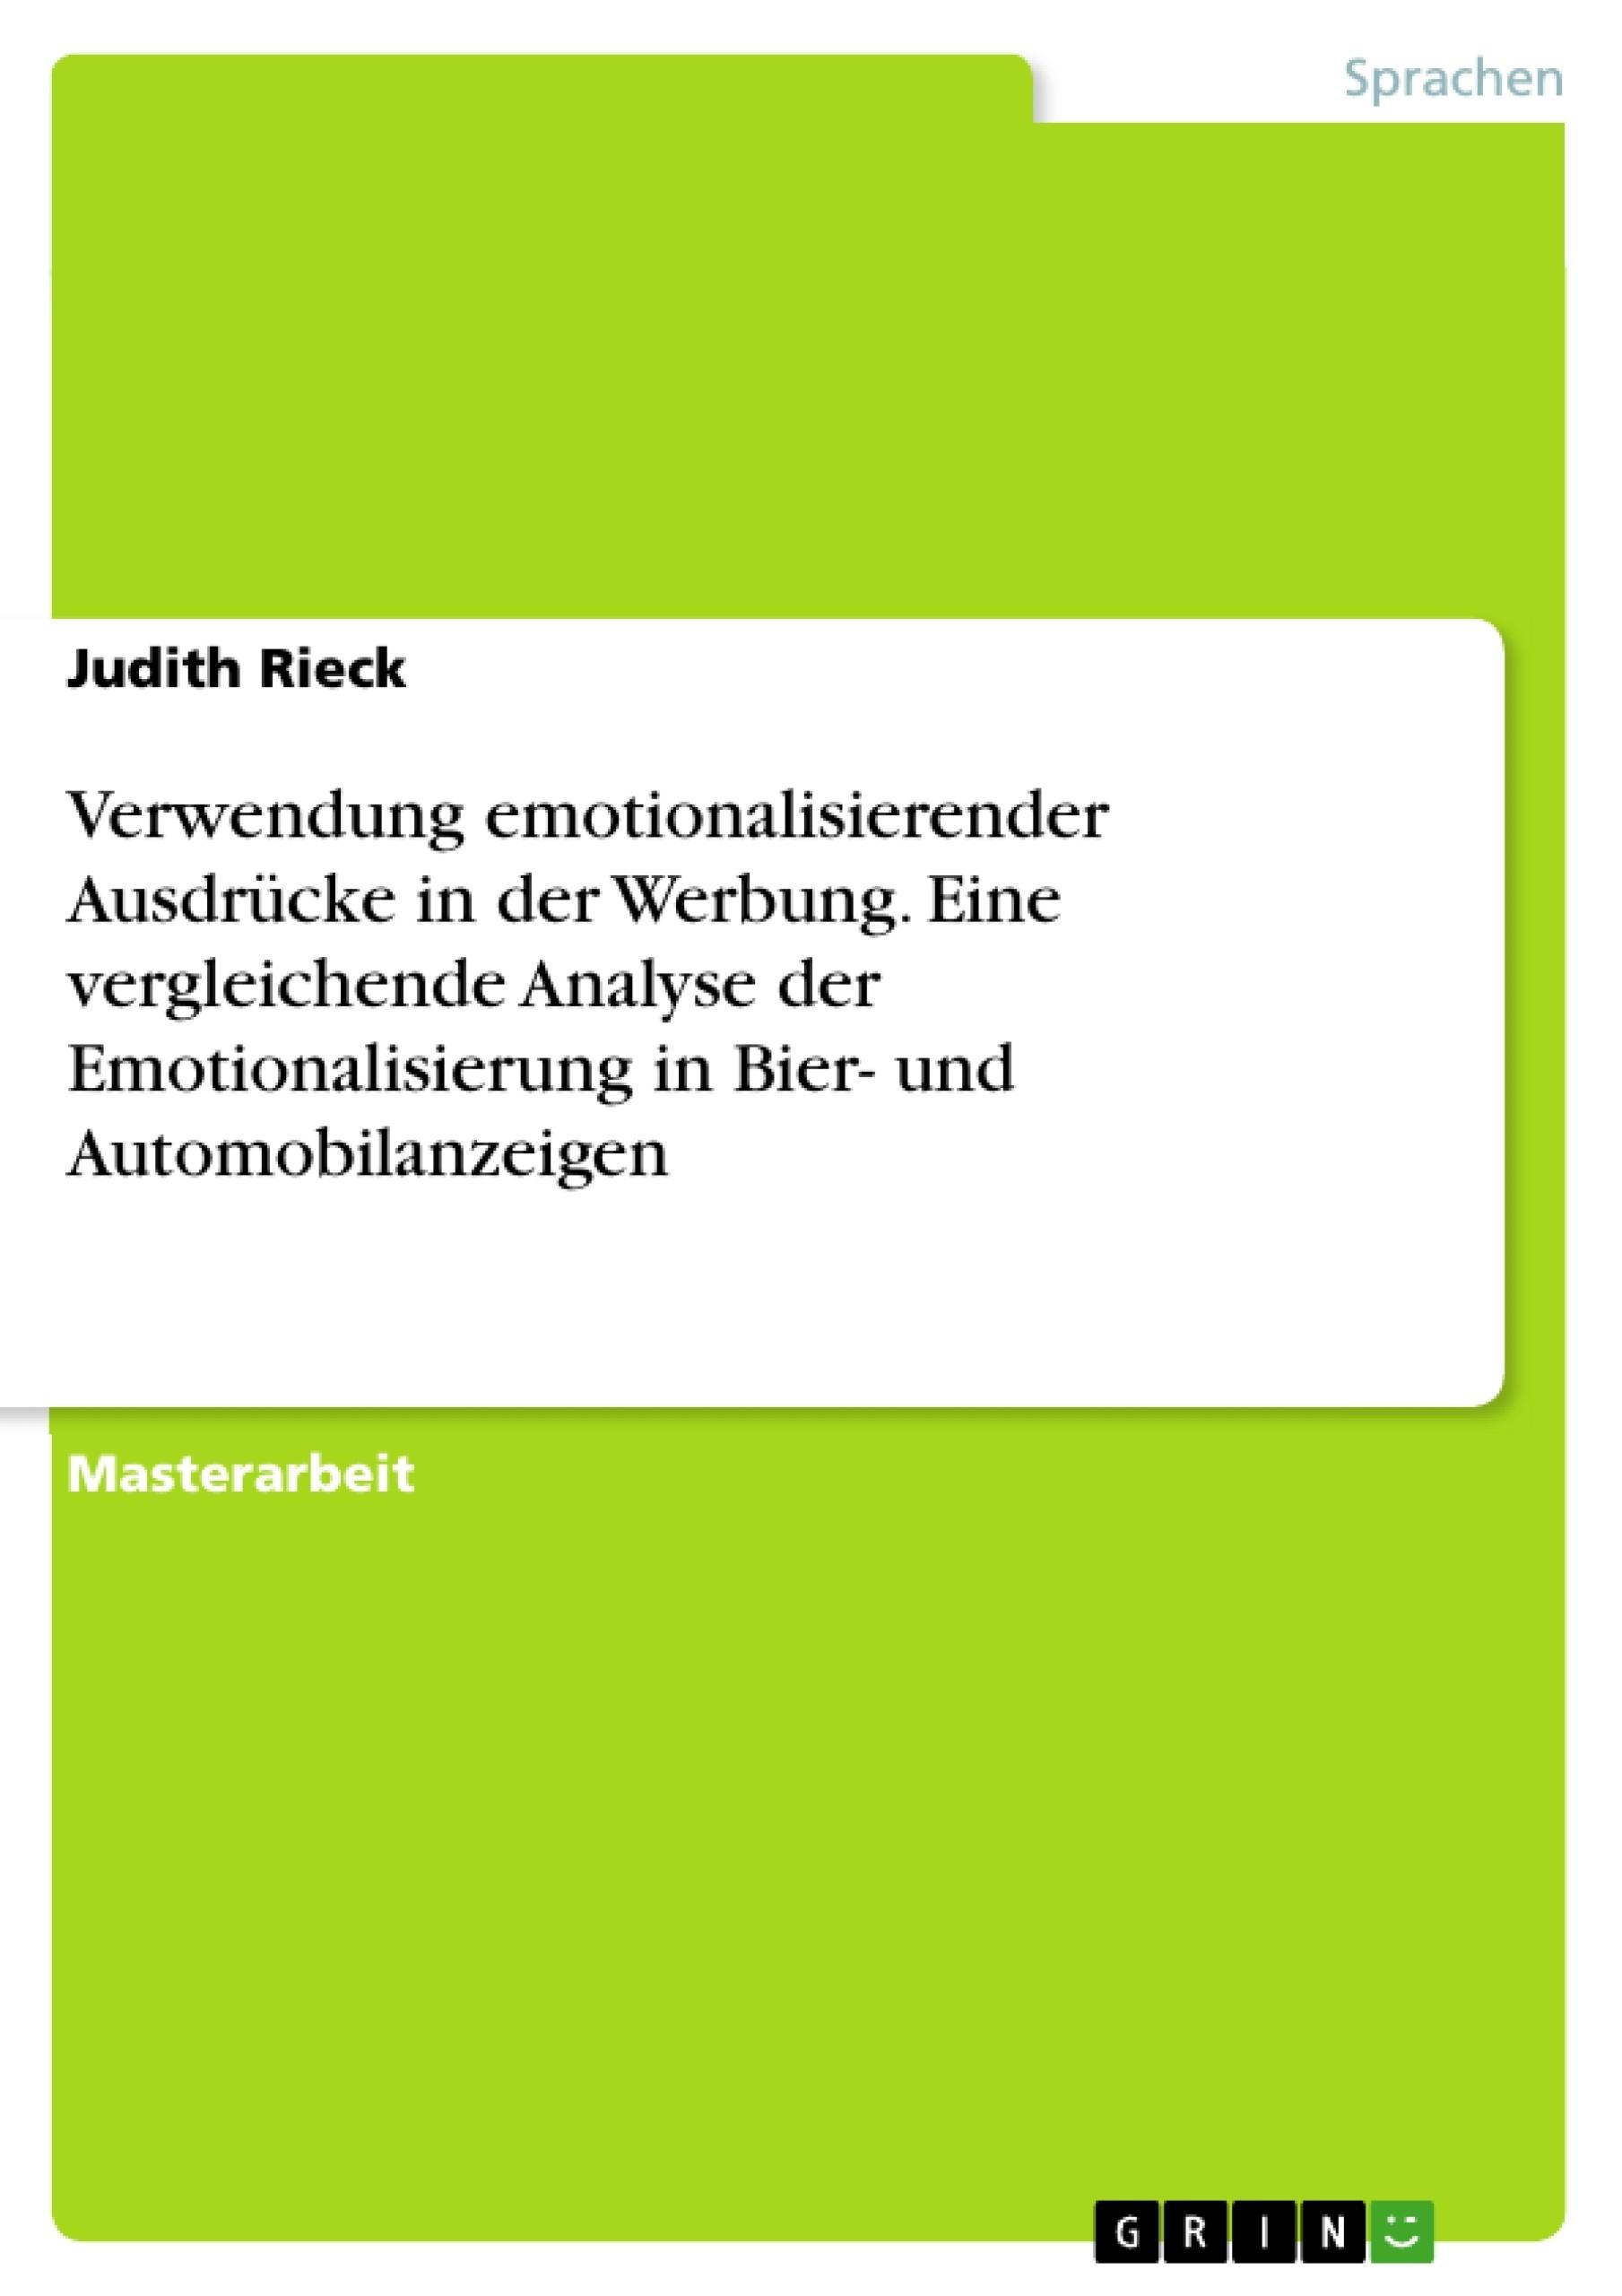 Titel: Verwendung emotionalisierender Ausdrücke in der Werbung. Eine vergleichende Analyse der Emotionalisierung in Bier- und Automobilanzeigen